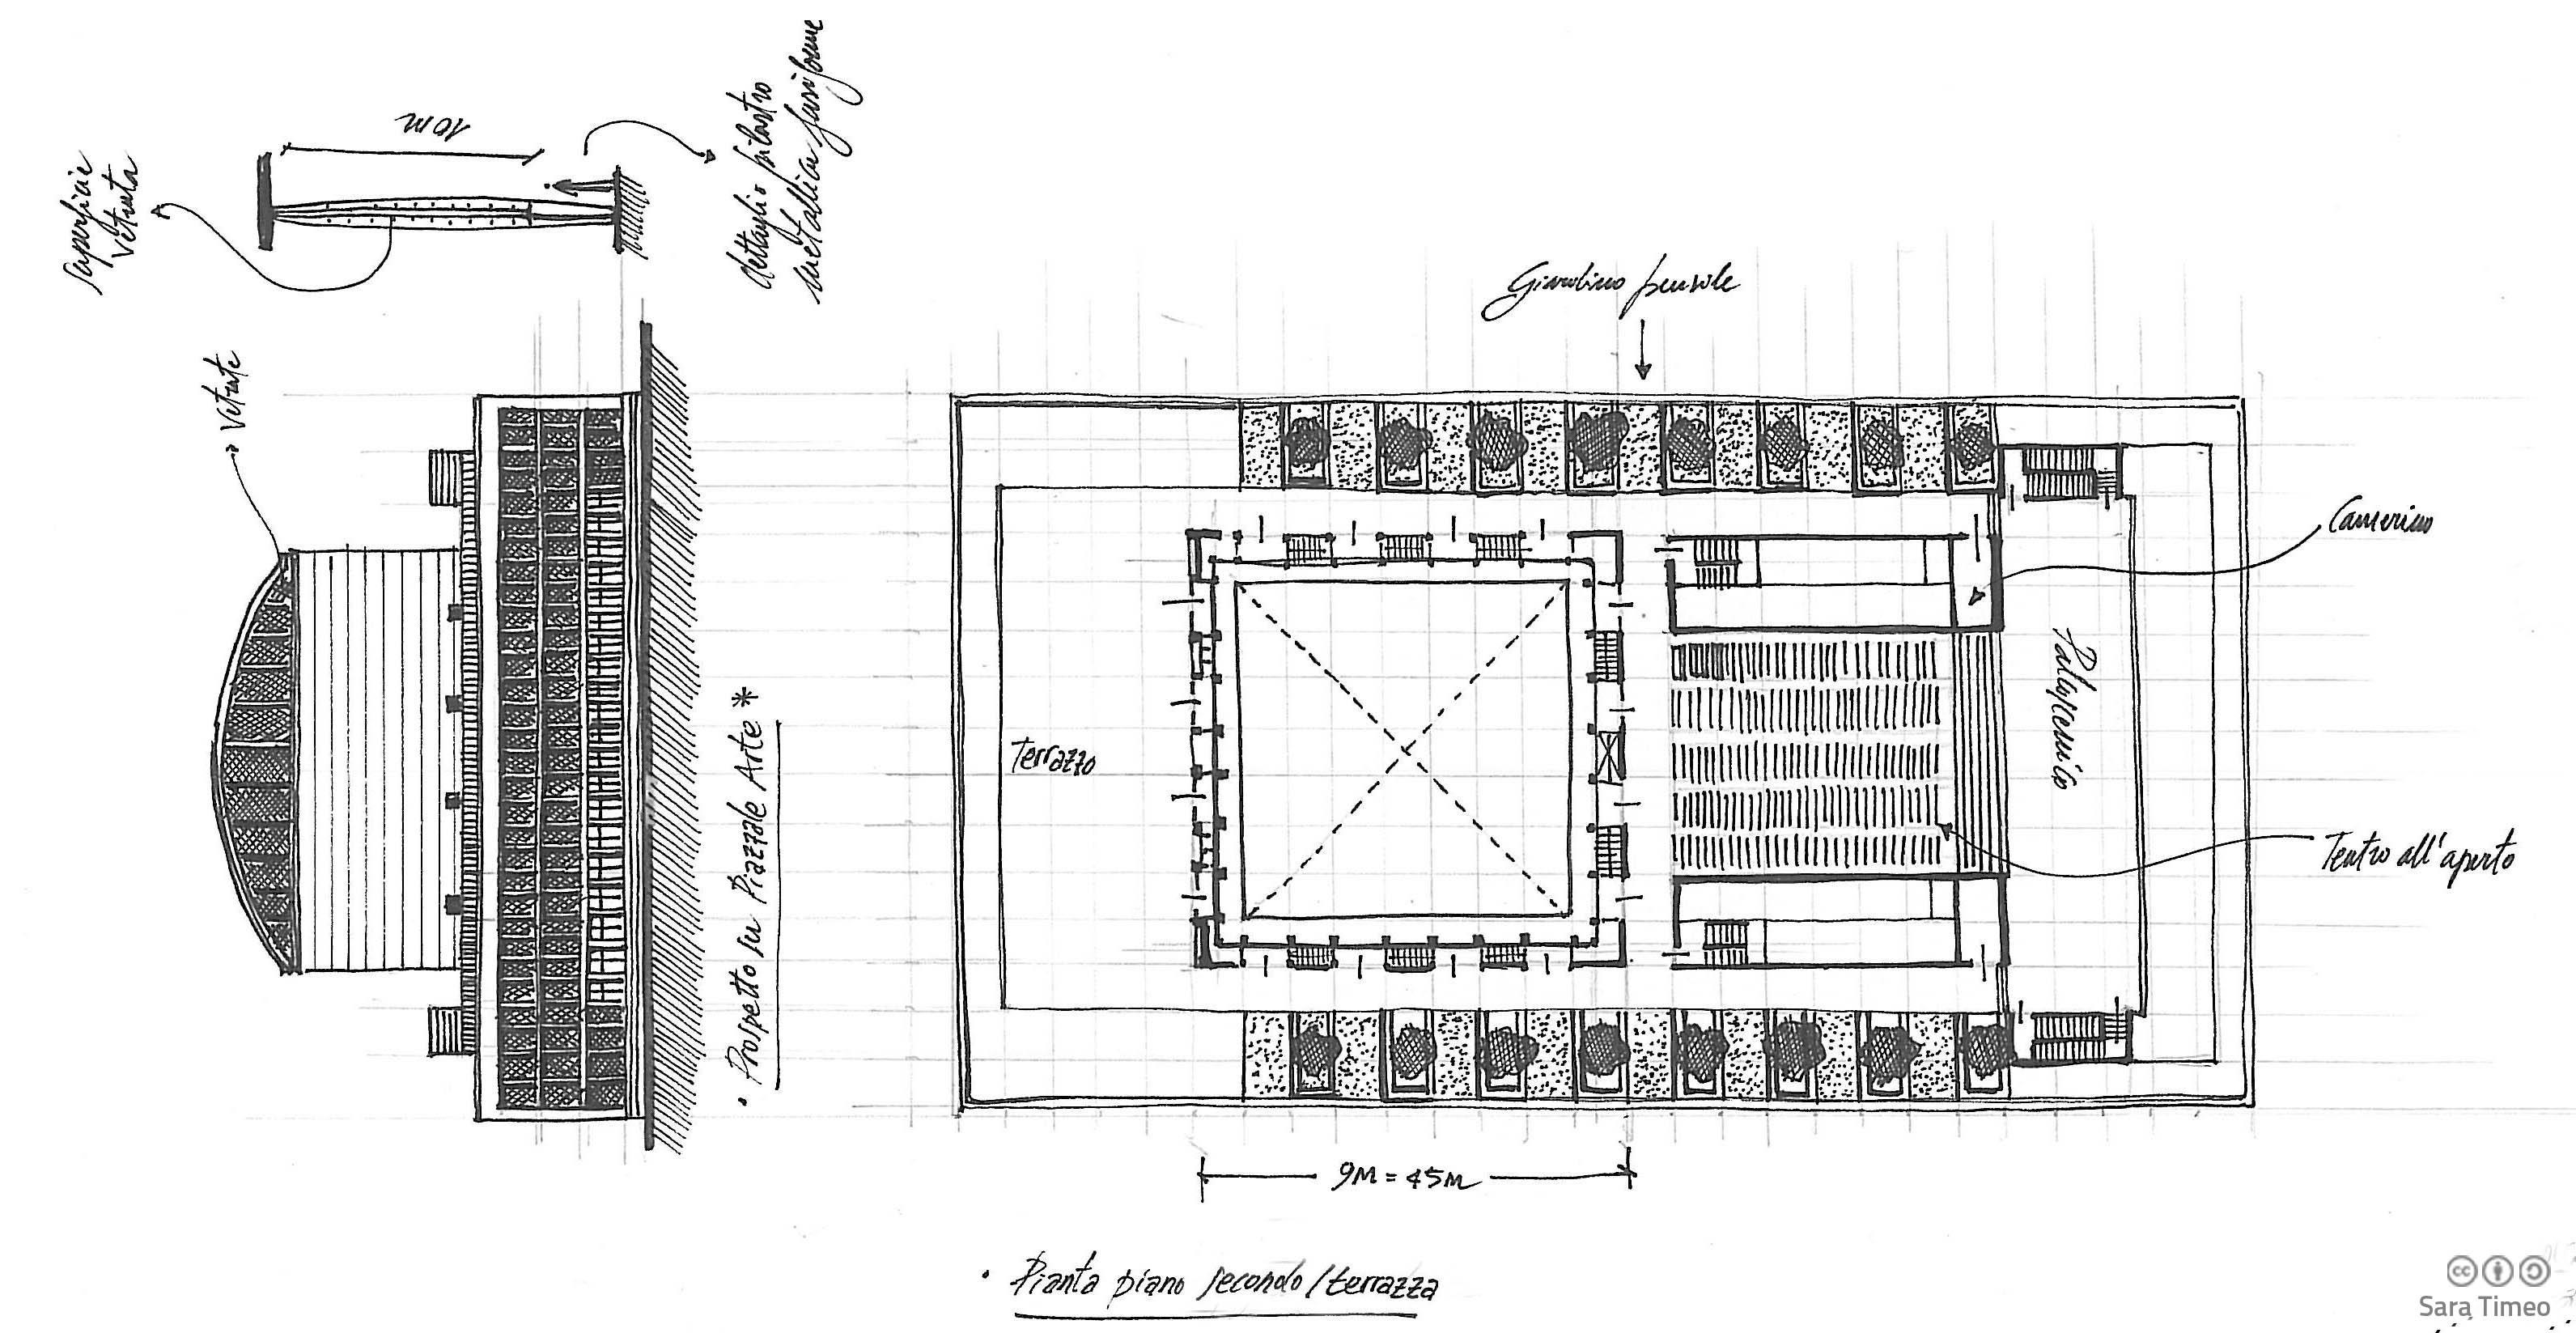 Archidiap palazzo dei congressi for Disegni del mazzo del secondo piano